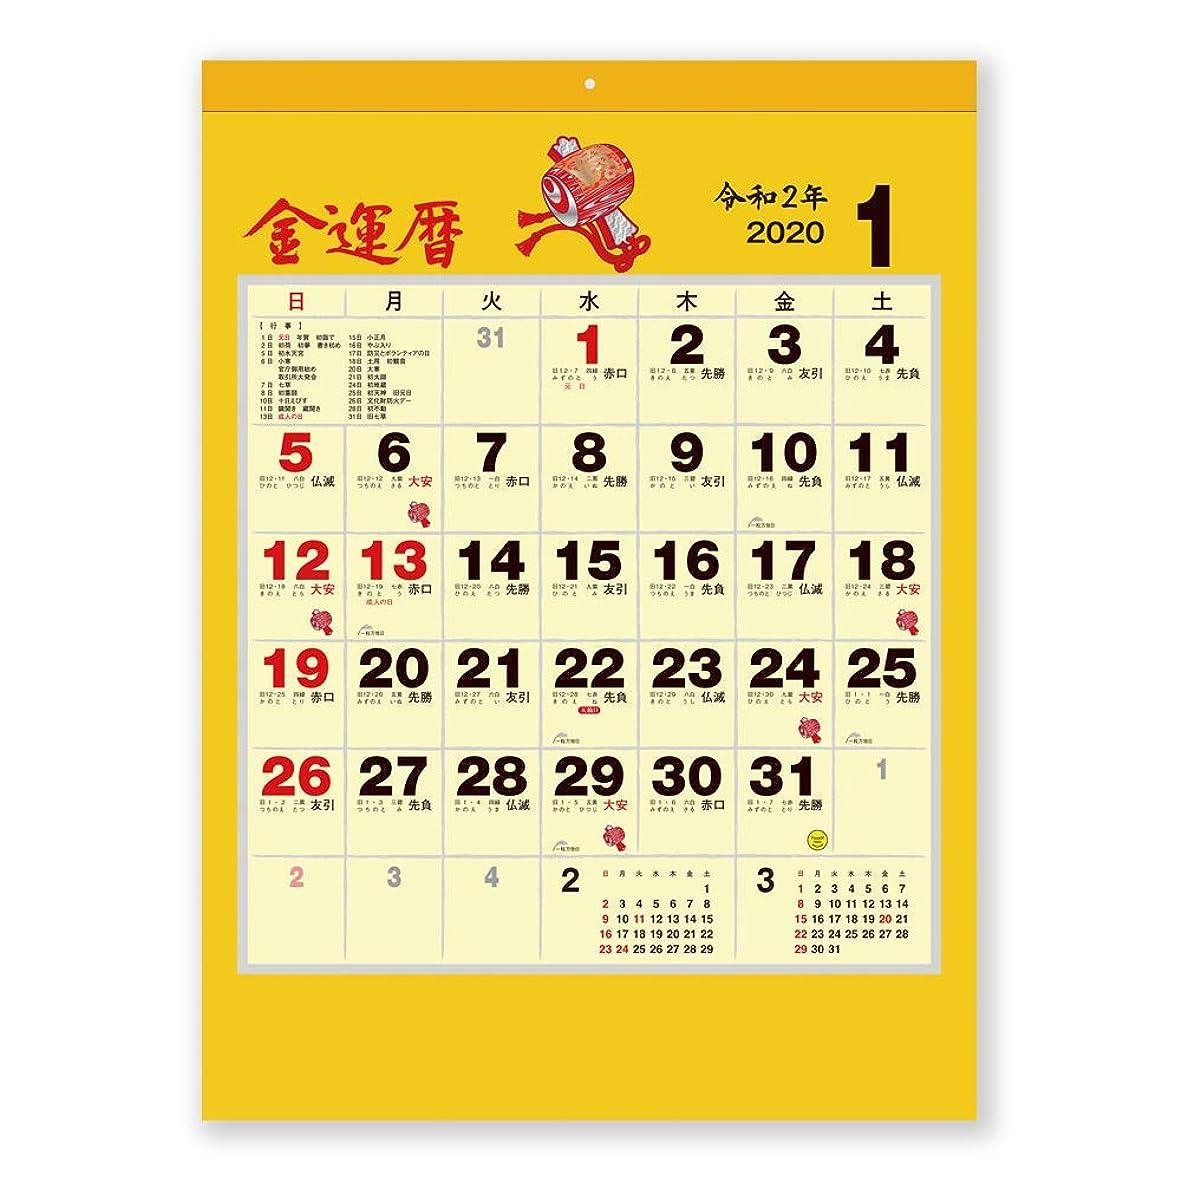 バンカー集中的なボタン伏見上野旭昇堂 2020年 カレンダー 壁掛け 金運暦 カレンダー NK8718